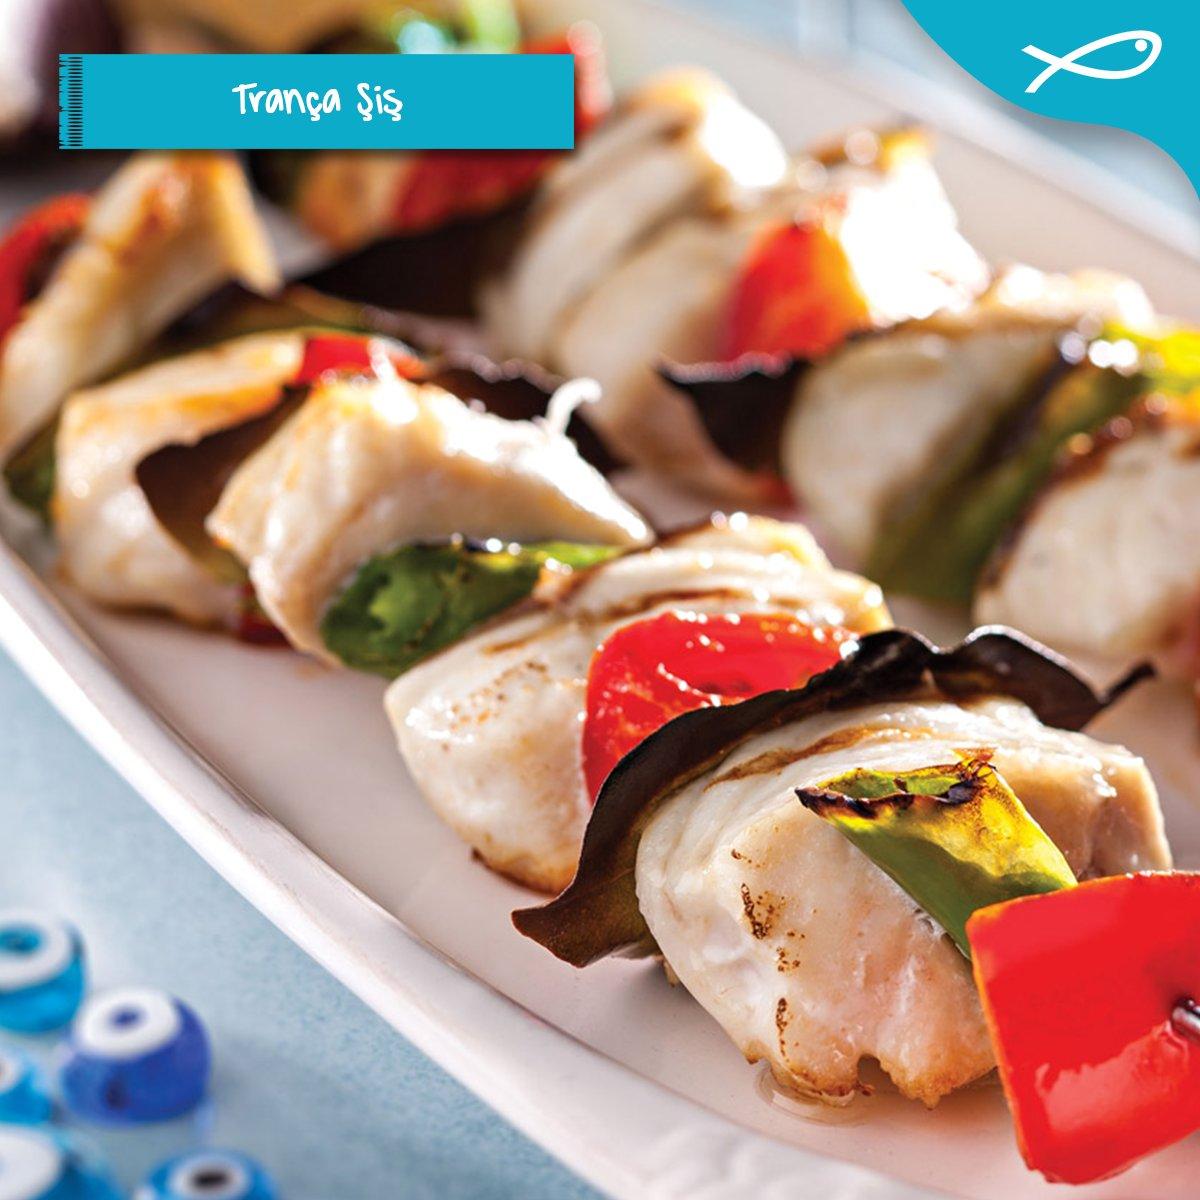 Kuzu gibi eti ve pamuk gibi tadıyla itinayla damaklarda iz bırakır, trança şiş tarifi sizinle. #TurkishSeafood #trança #iftar #ramazan #balıkpic.twitter.com/1Os7JAzvzg